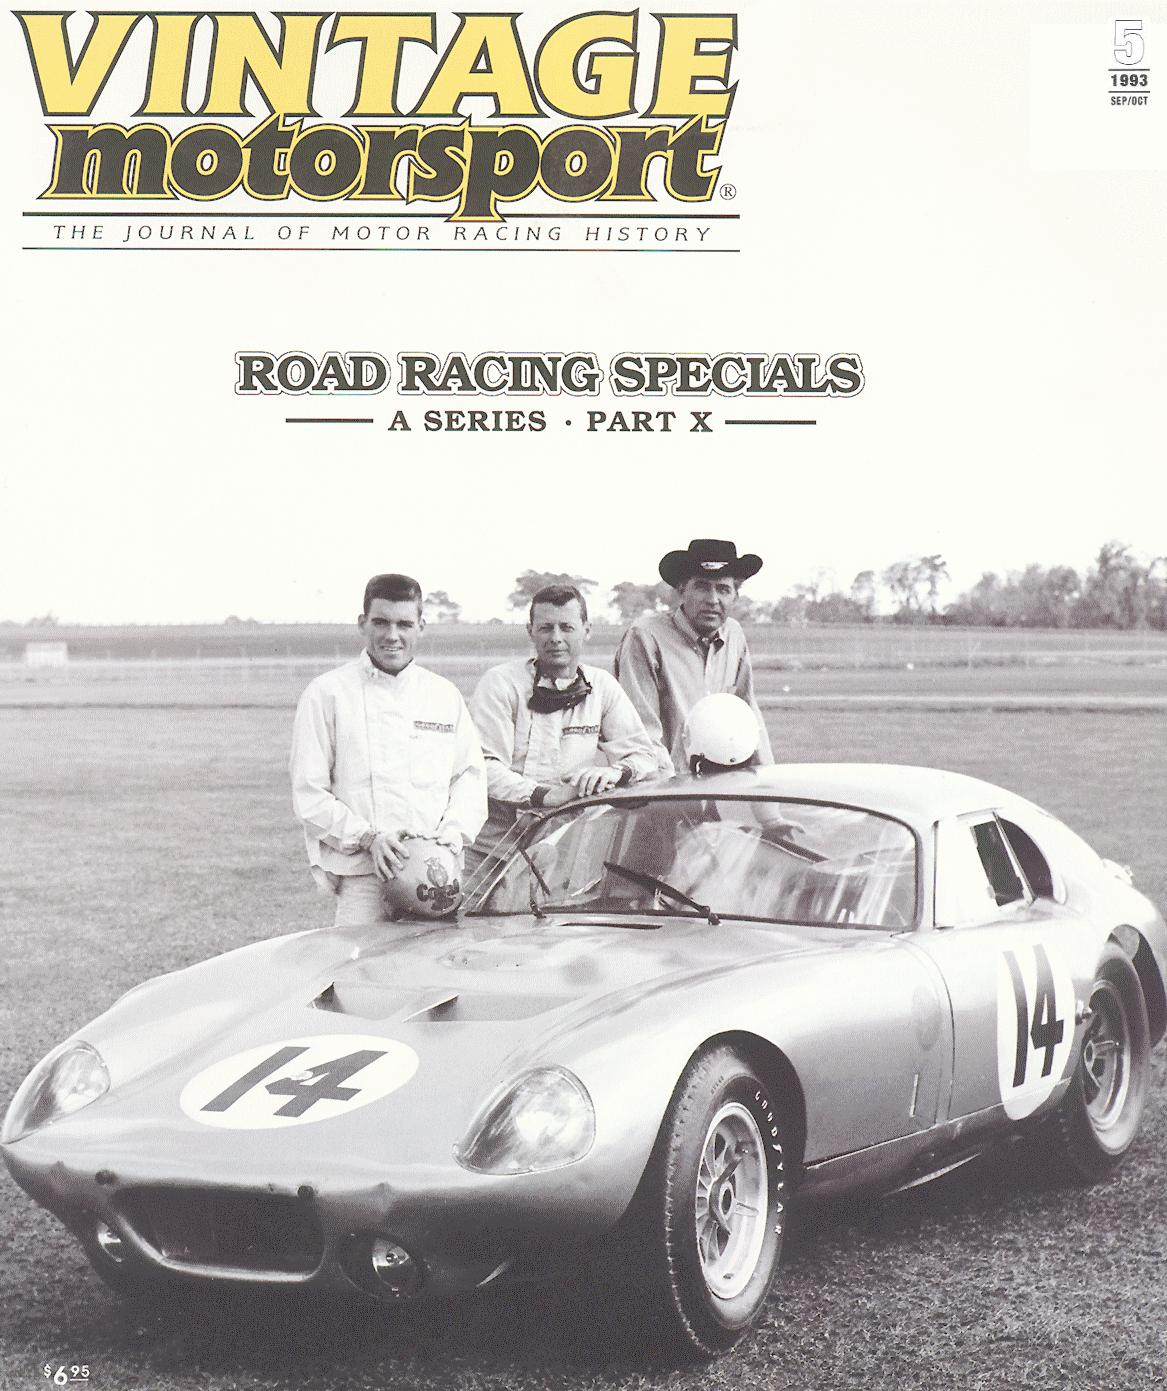 Racing Legend Dave MacDonald featured in 1993 Vintage Motorsport